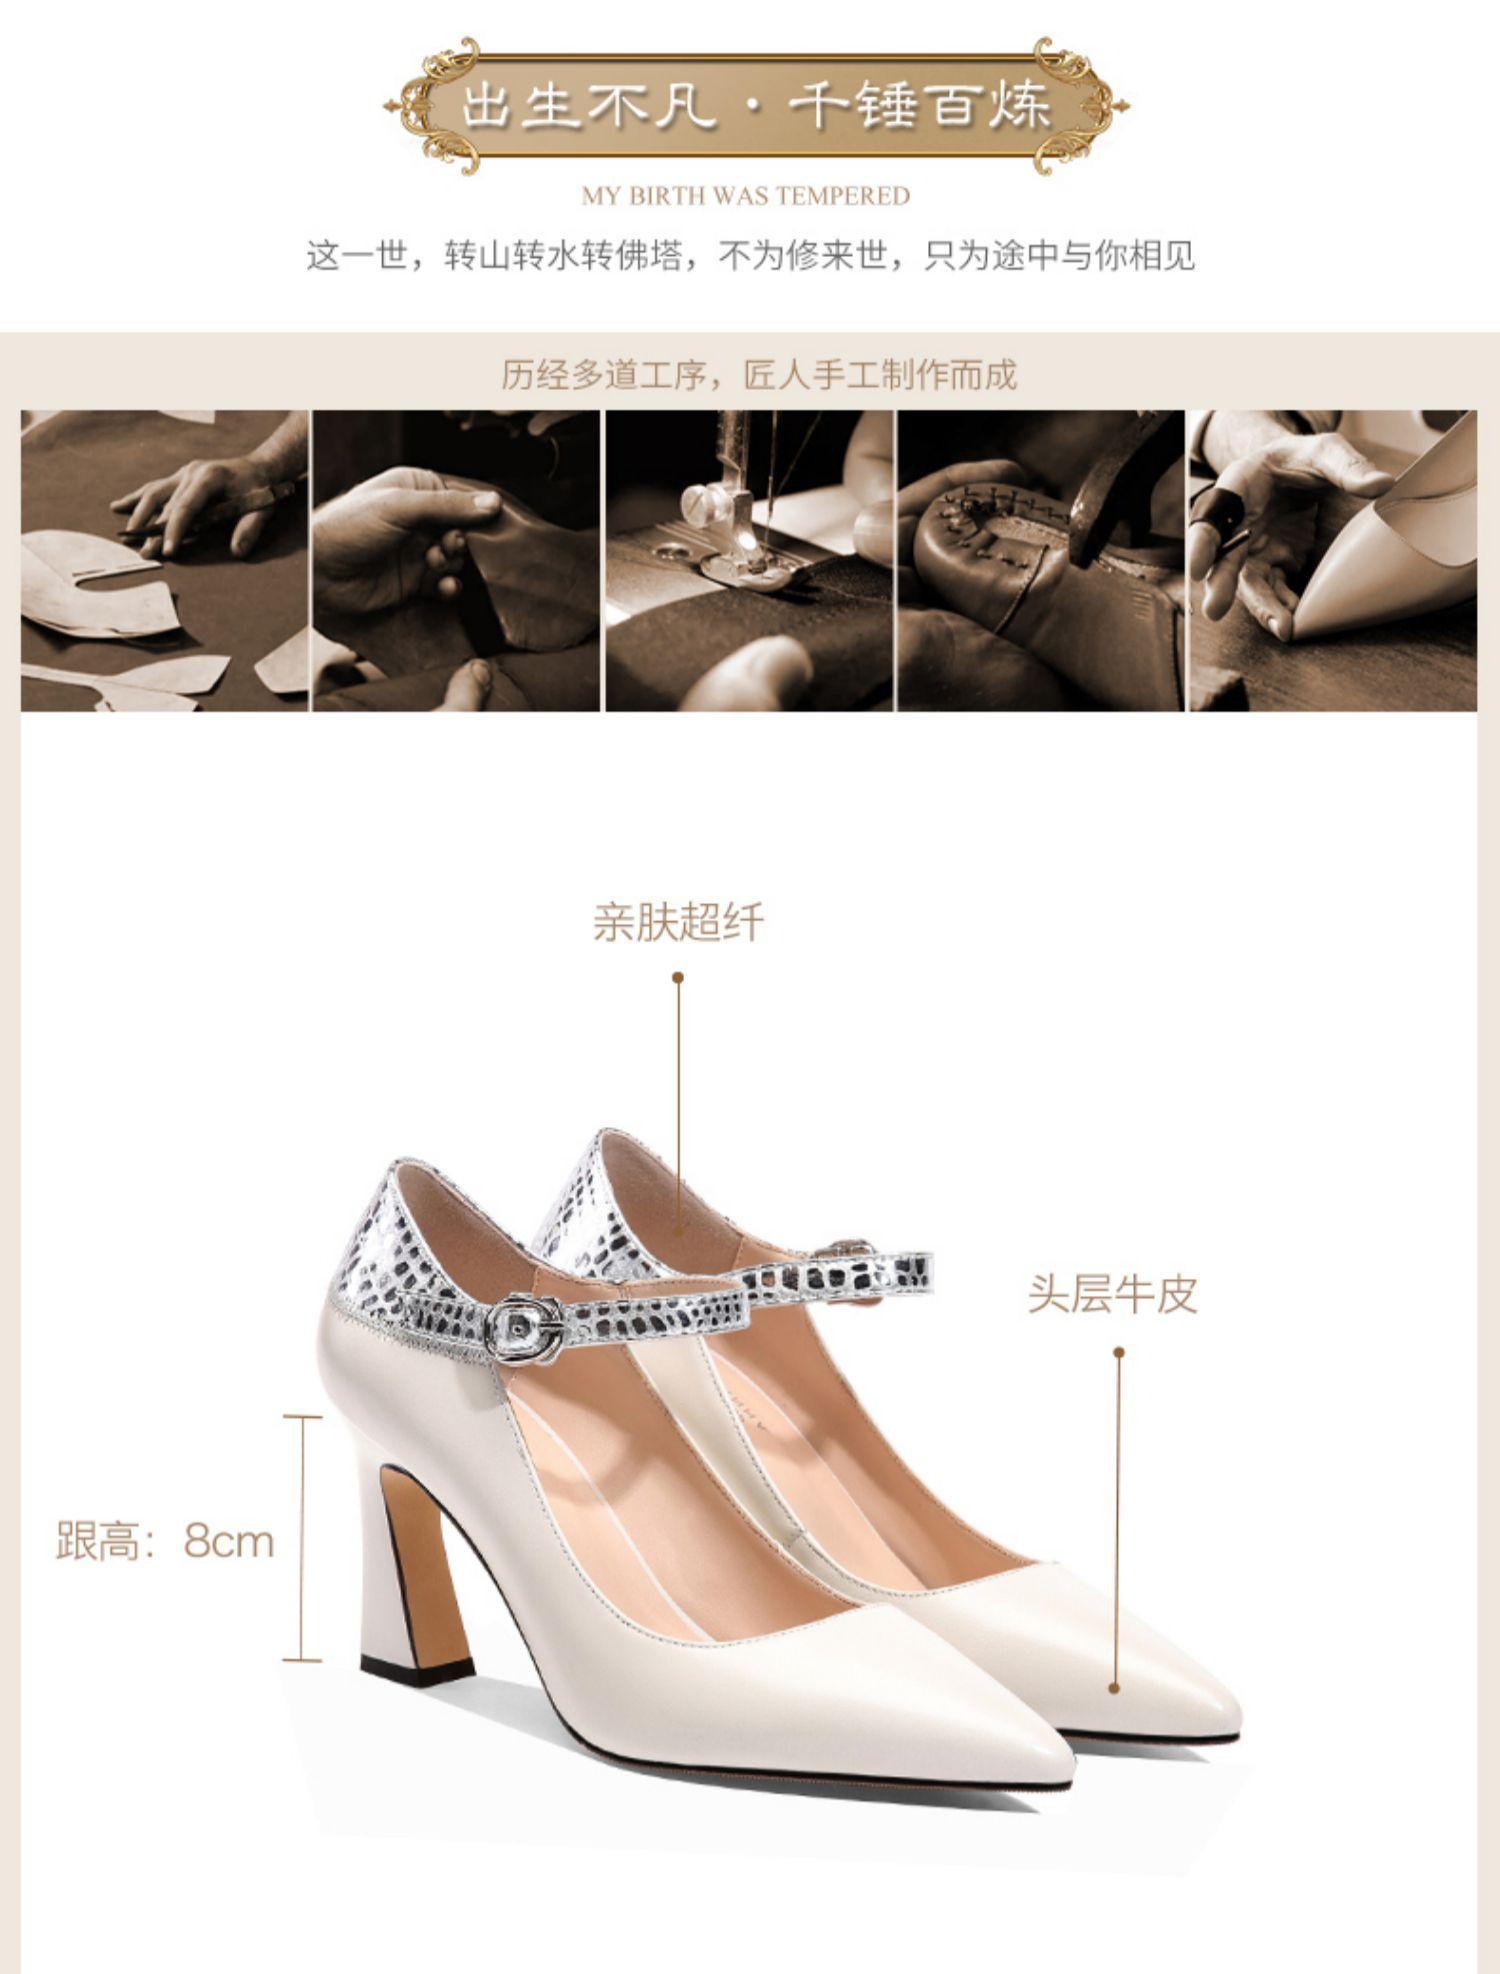 一字扣浅口单鞋女2019秋季新款白色尖头高跟鞋女粗跟百搭真皮女鞋商品详情图